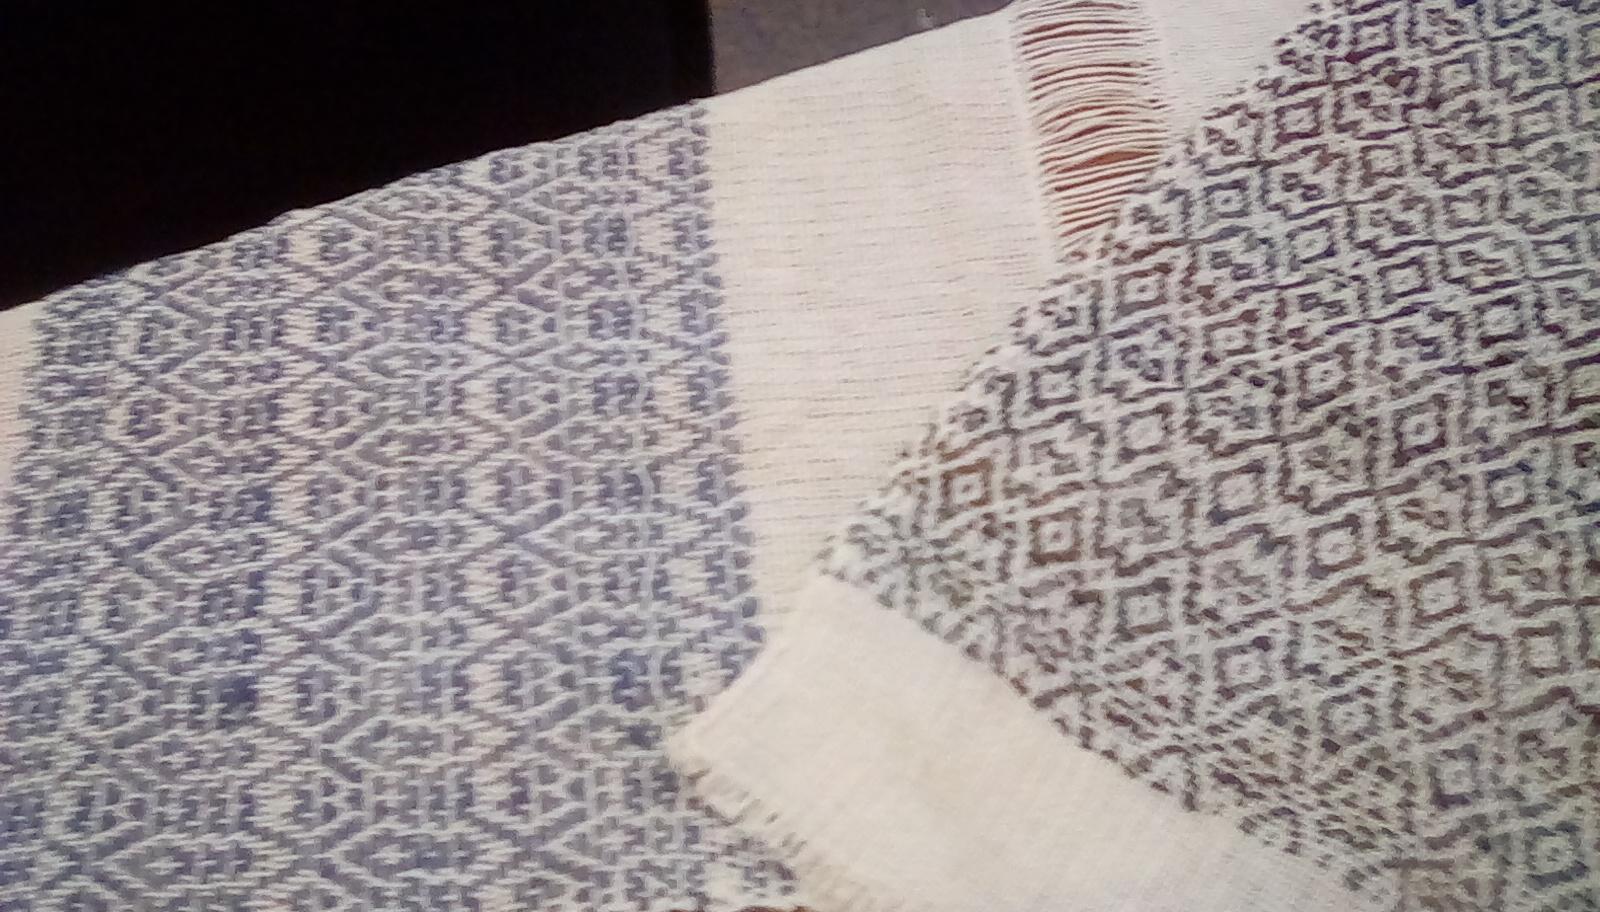 Berrnice-Weaving-Off-the-Loom